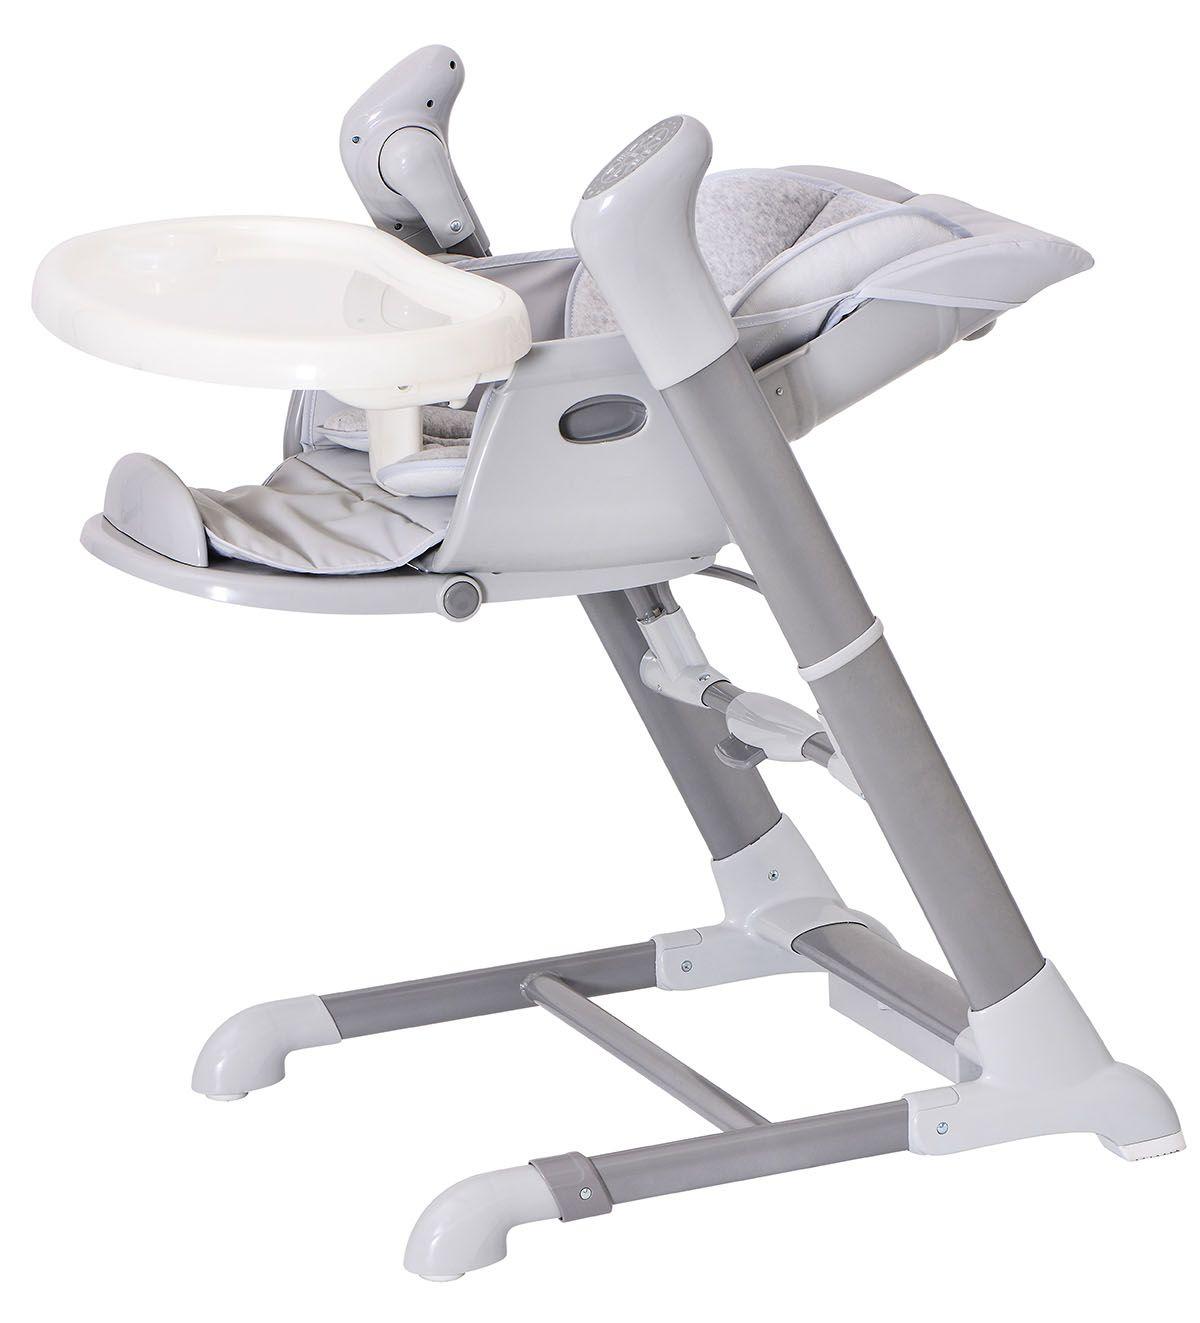 Chaise Haute Transat Et Balancelle Evolutif Splity 3 En 1 Toutes Options Mp3 Chargeur Chaise Haute Balancelle Chaise Haute Evolutive